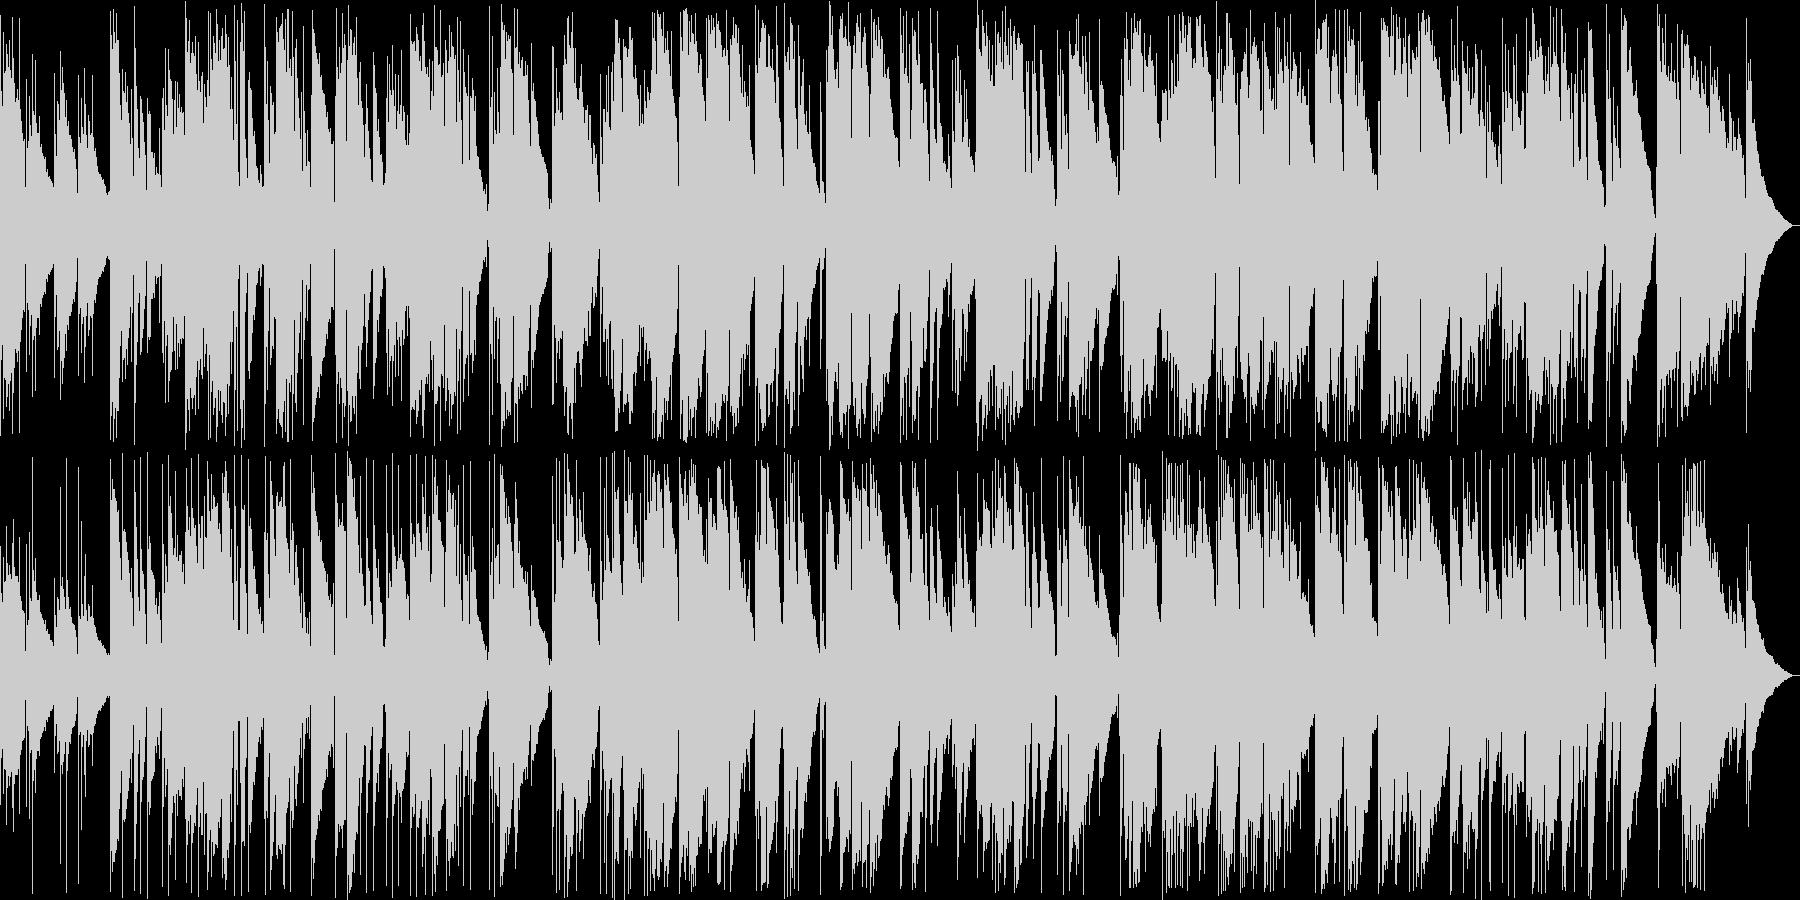 しっとりしたイージーリスニング曲の未再生の波形